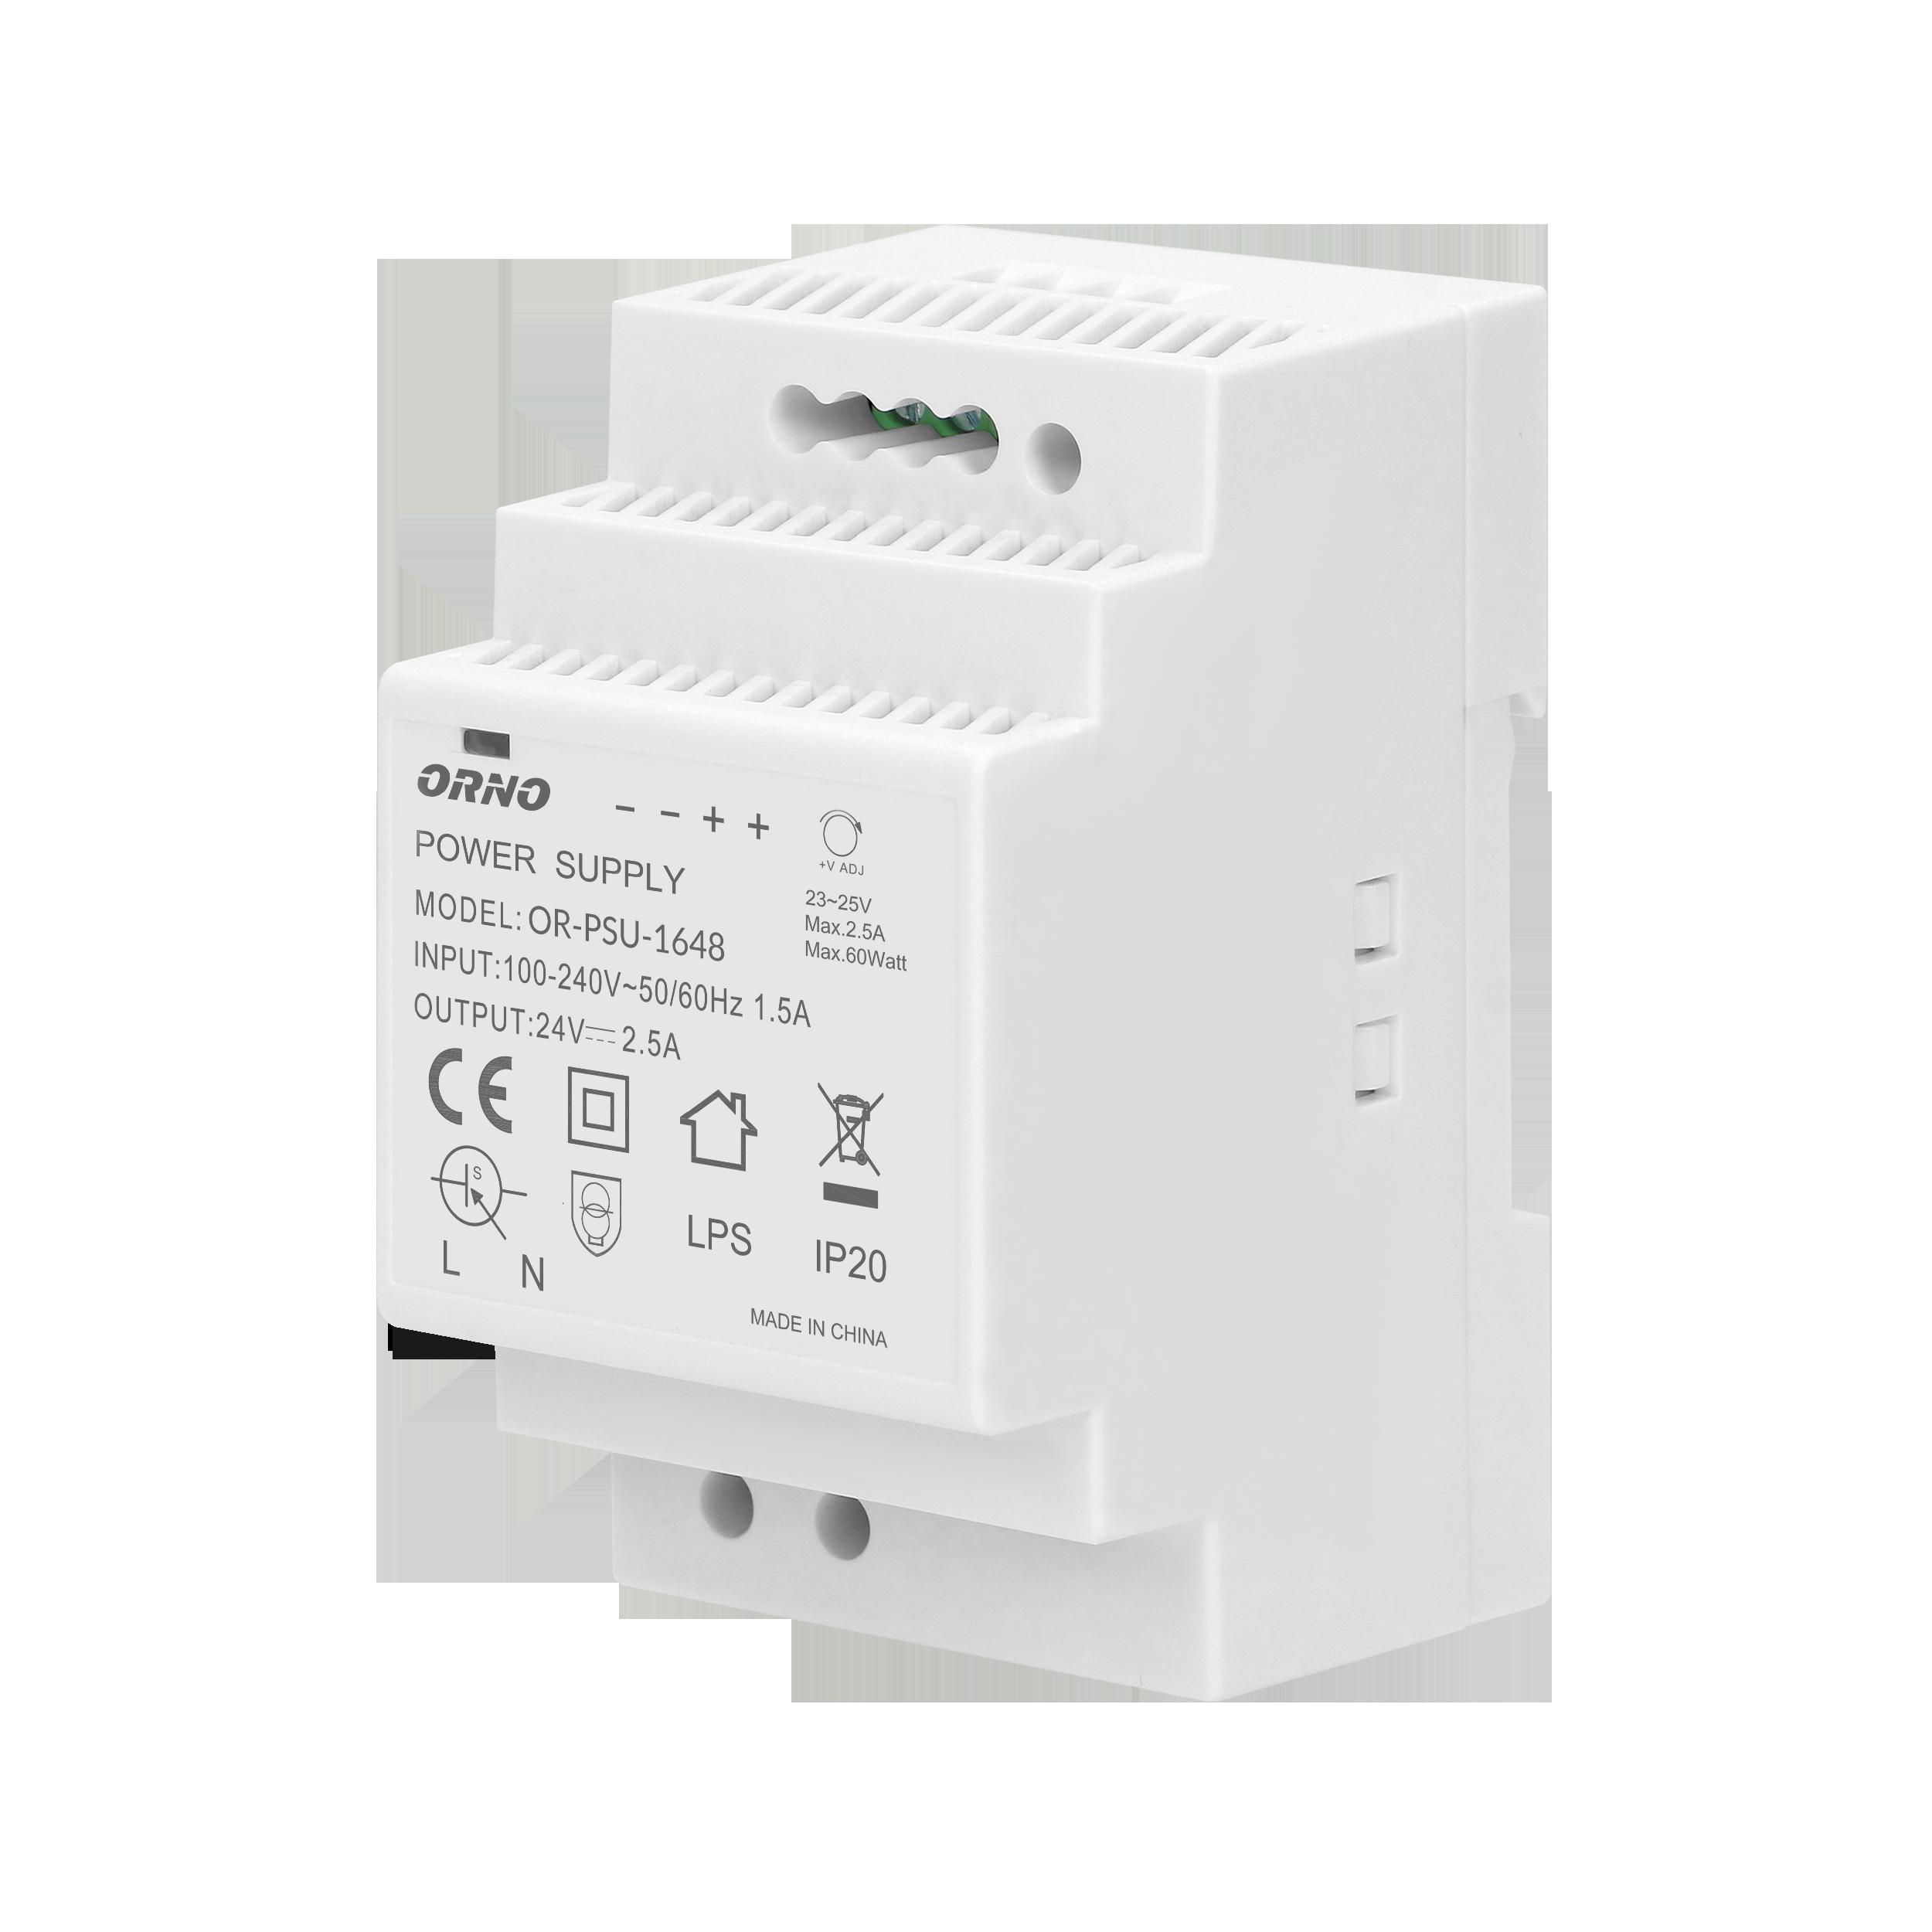 Zasilacz na szynę DIN 24VDC, 2,5A, 60W, szerokość 3 moduły